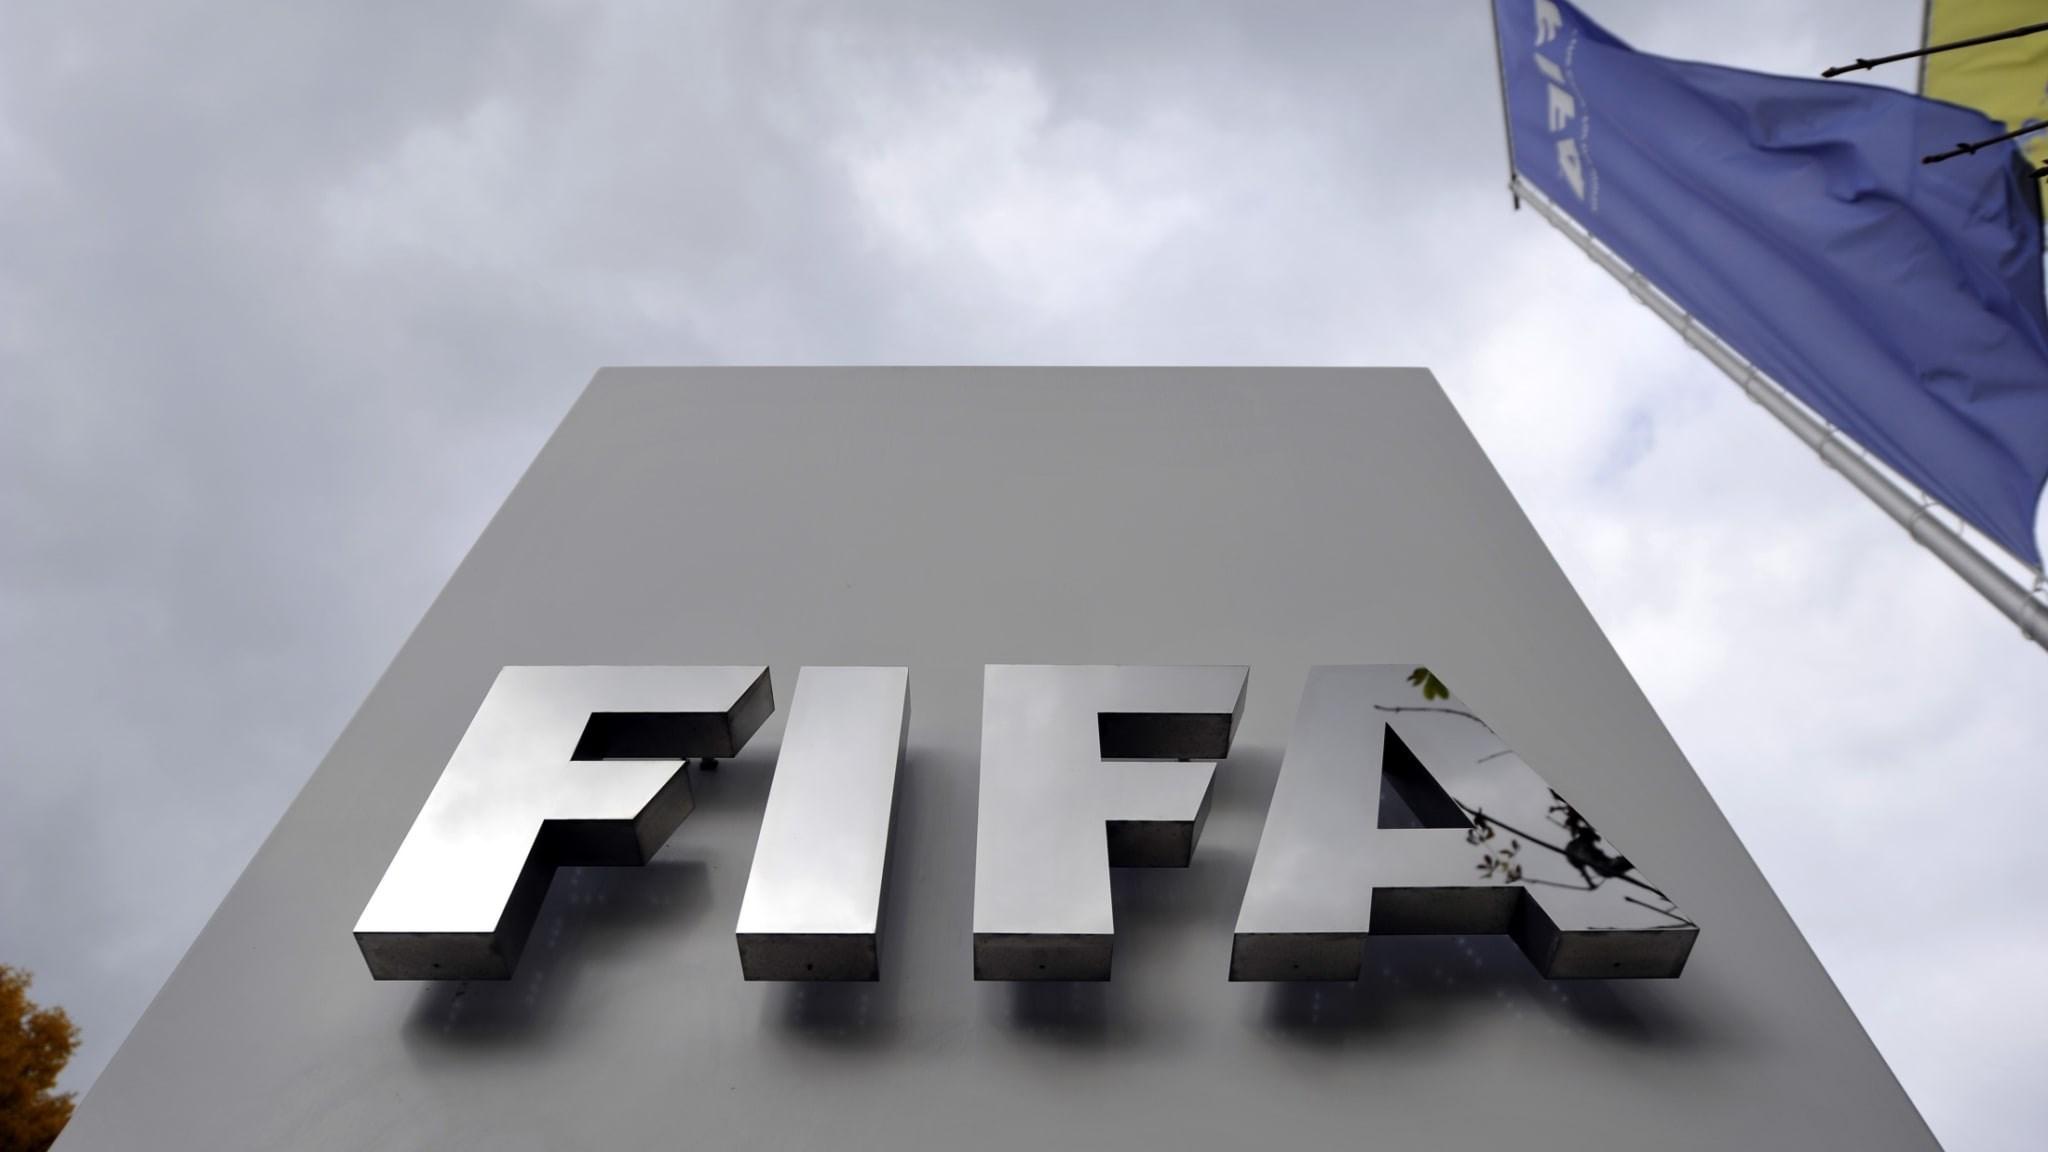 الفيفا: تأجيل نسختين من كأس العالم